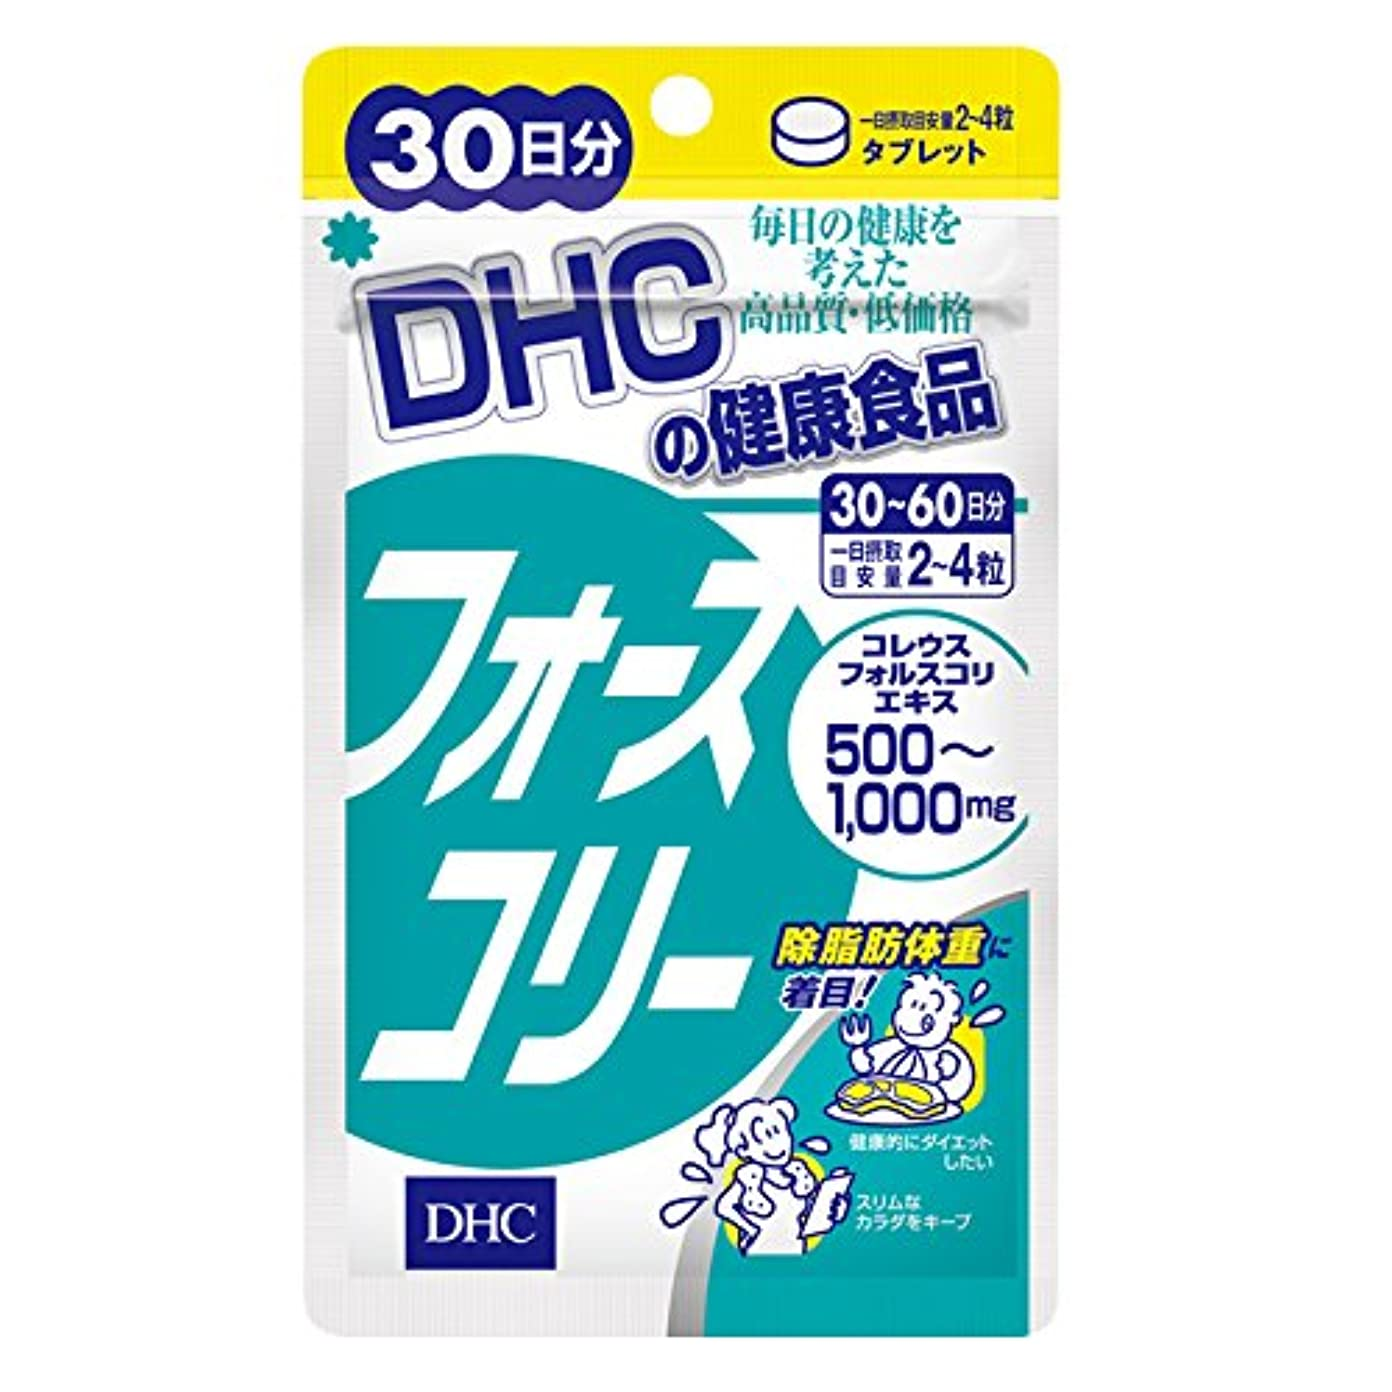 加入偏見マージDHC フォースコリー 30日分